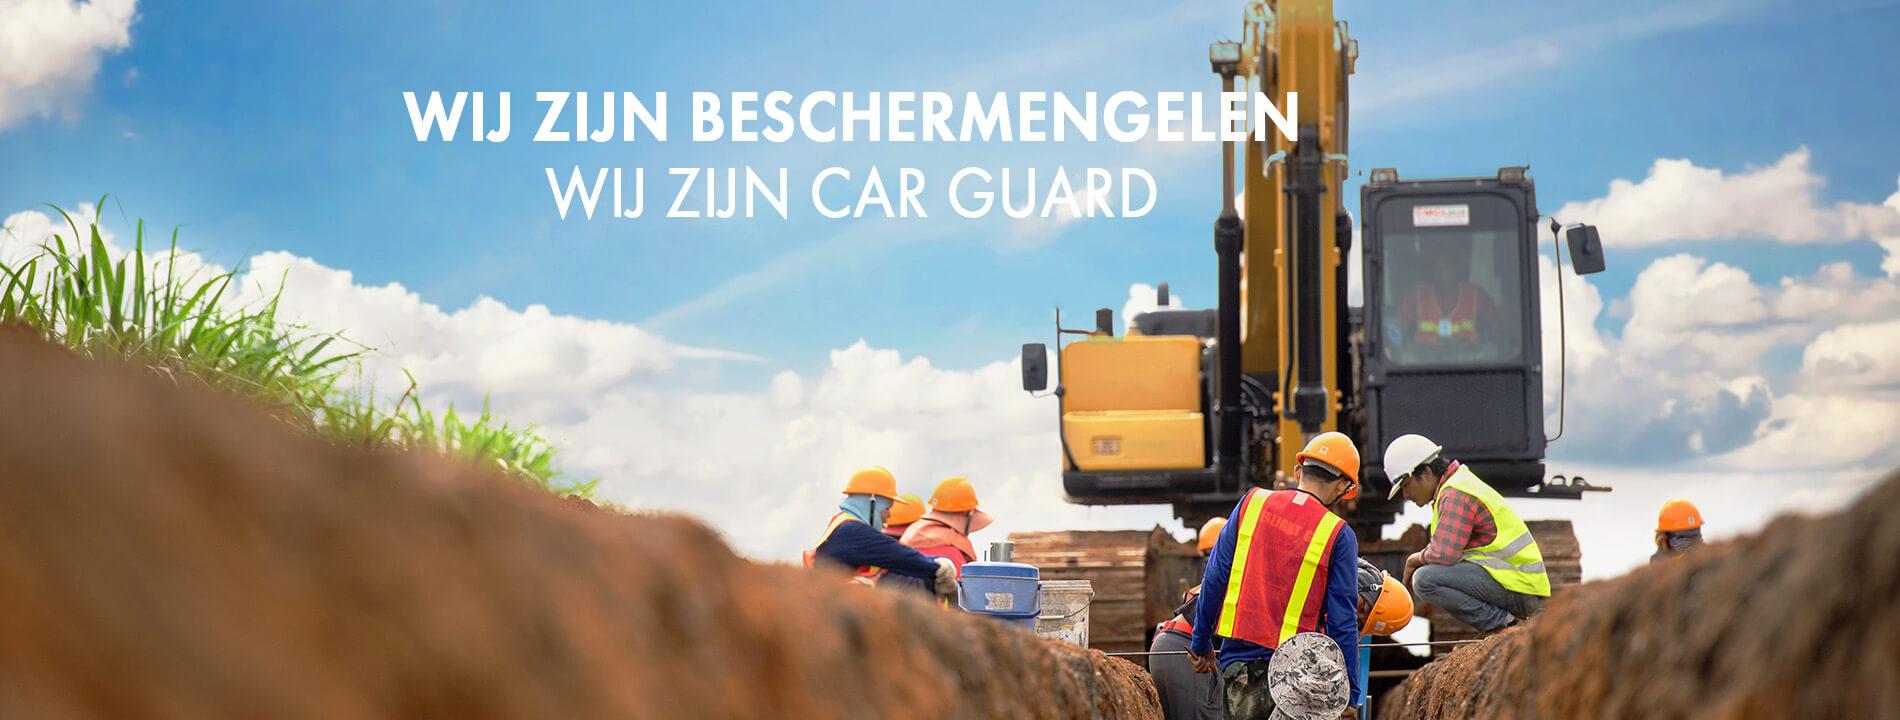 Wij zijn beschermengelen - Wij zijn Car Guard